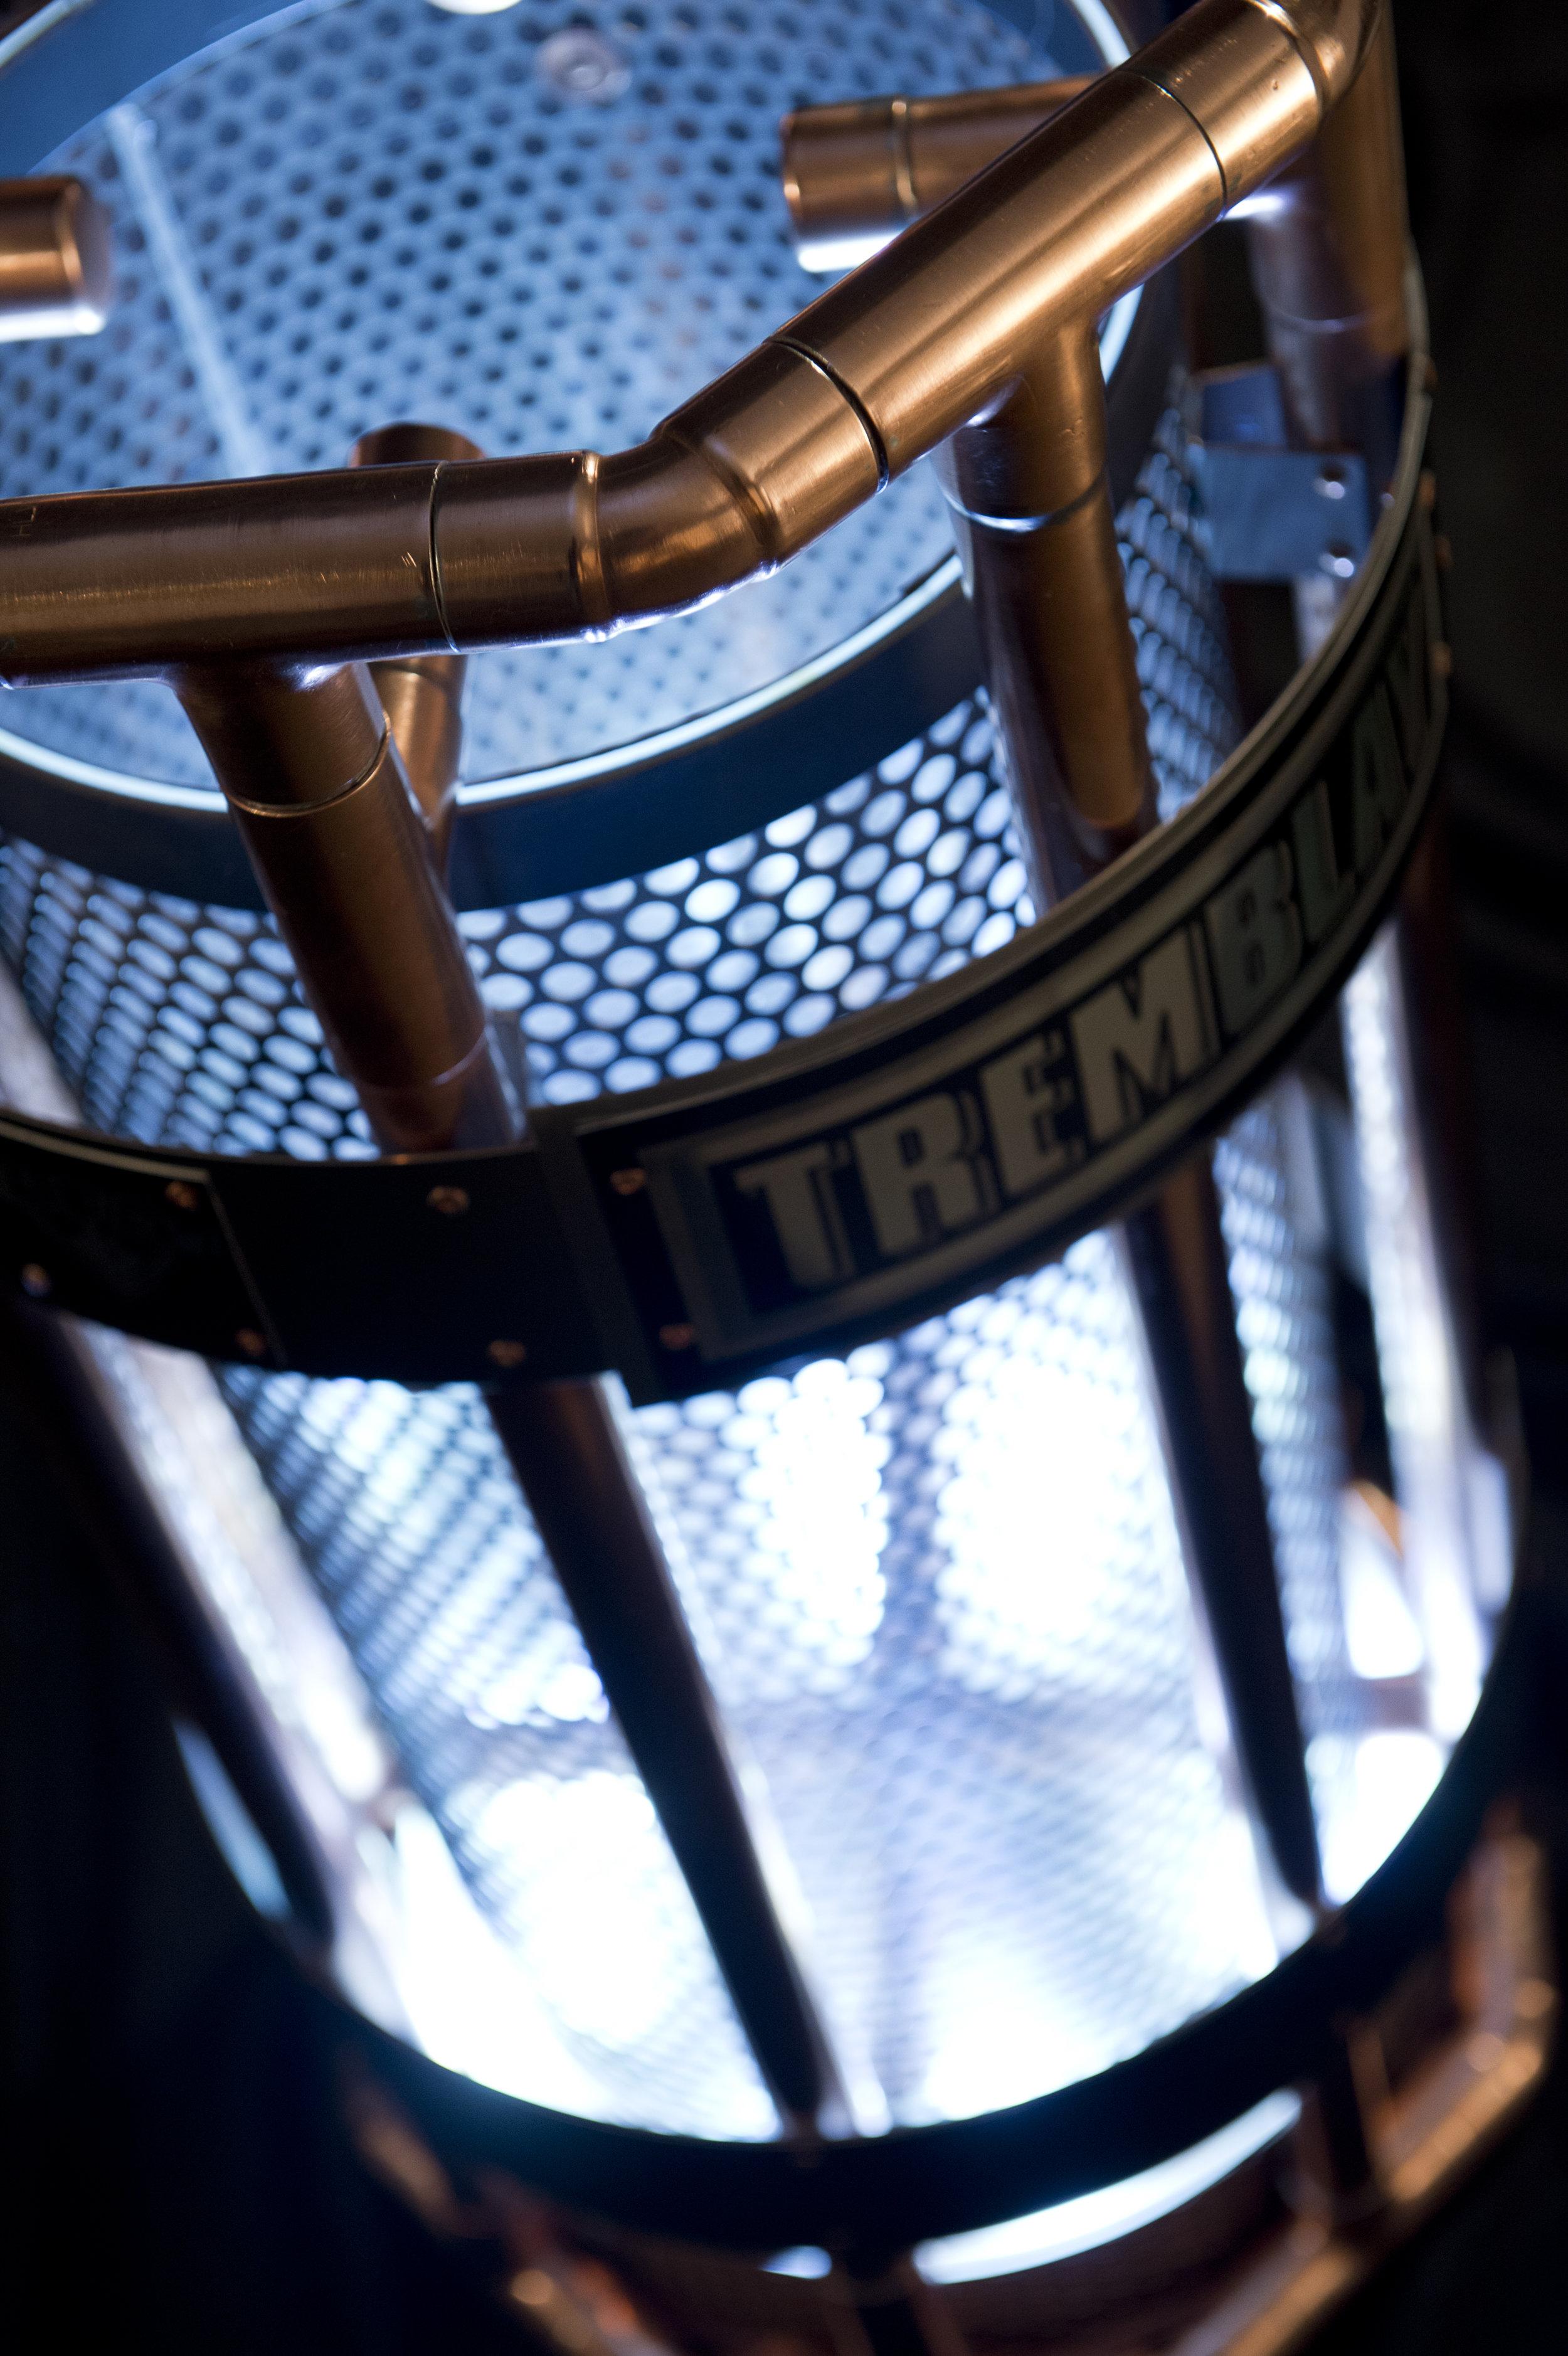 le trophée tremblay imaginez et fabriqué à l'interne en collaboration avec totem urbain (photo bruno petrozza)